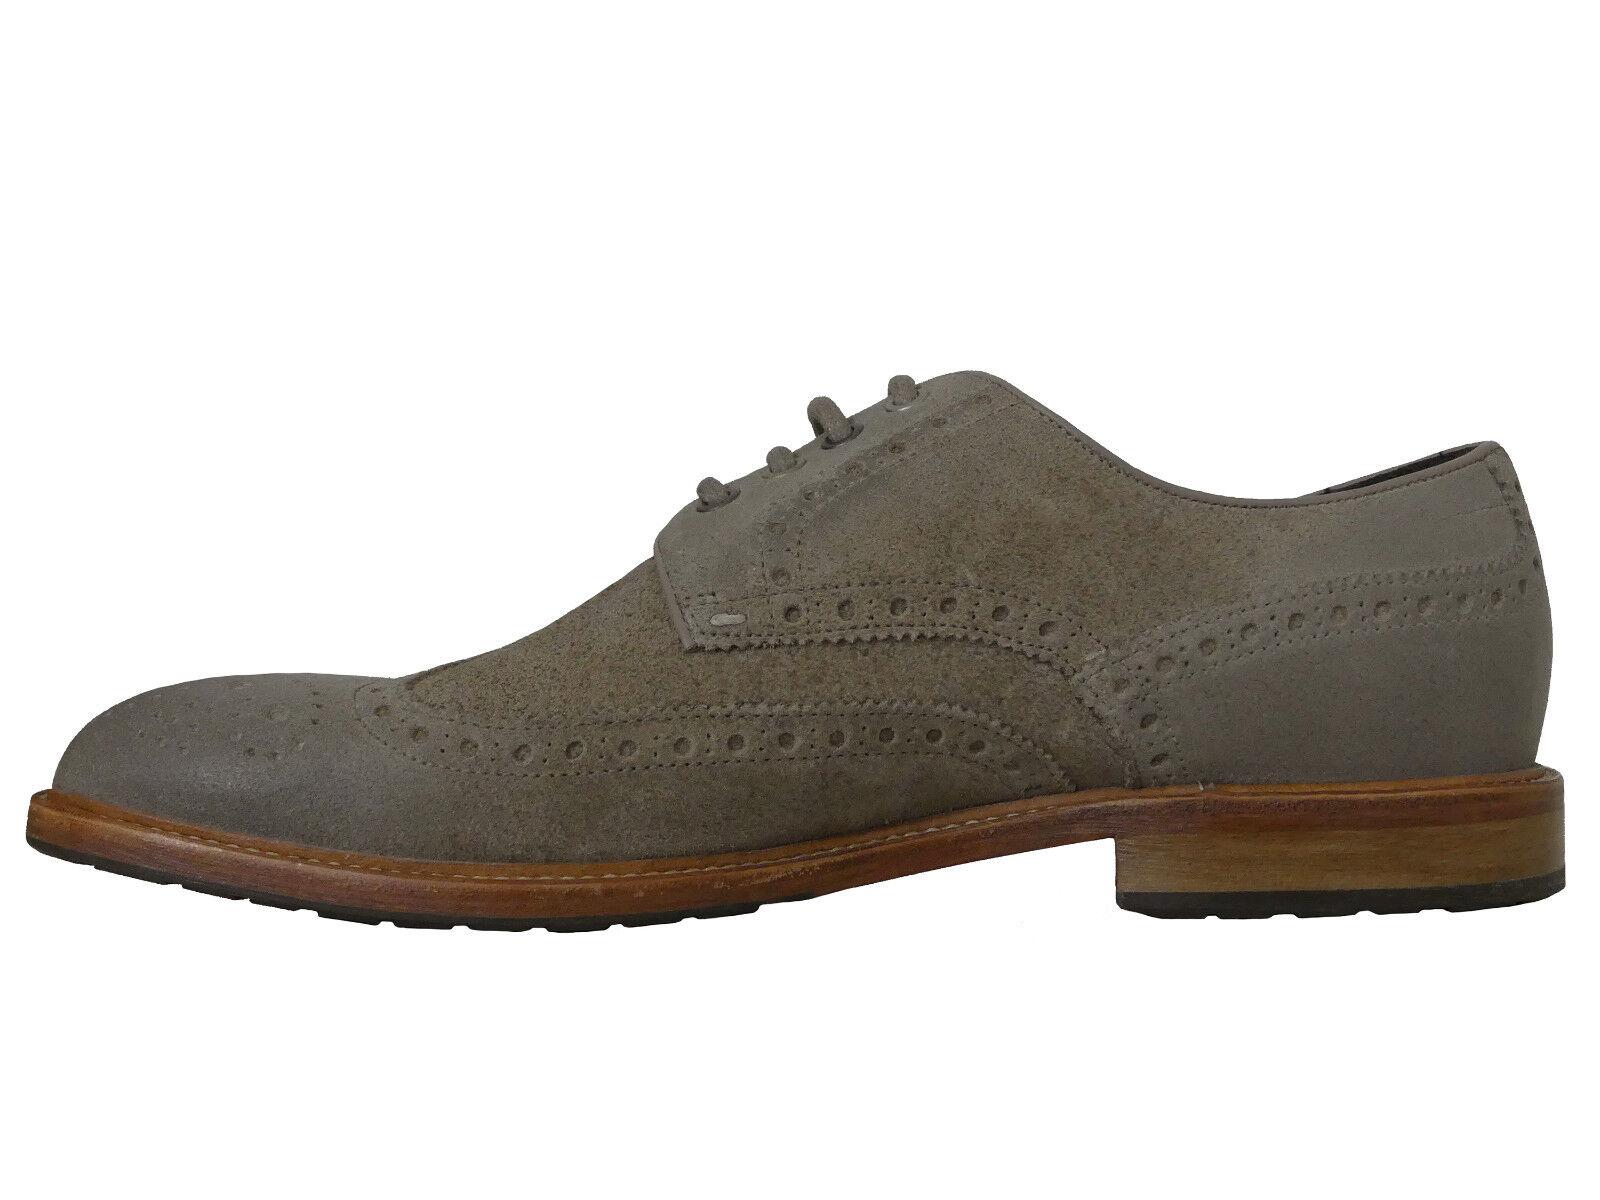 BOSS arancia SCARPE TG TG TG 45 US 12  NUOVO  scarpe | Prezzo Ragionevole  | Uomini/Donna Scarpa  037163